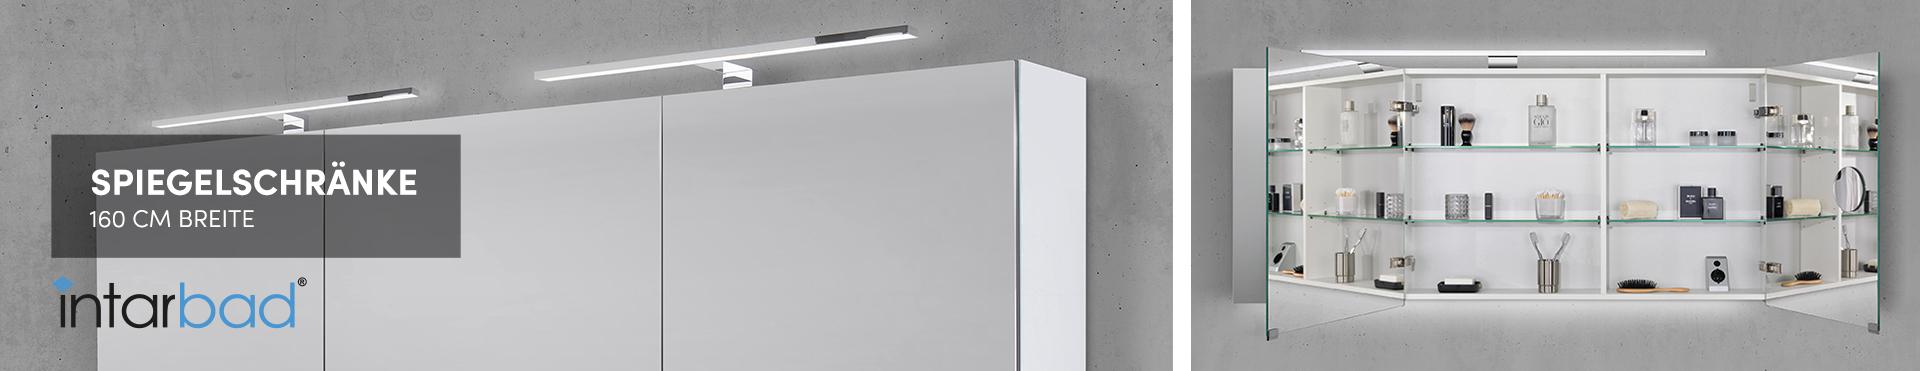 160 cm Spiegelschränke